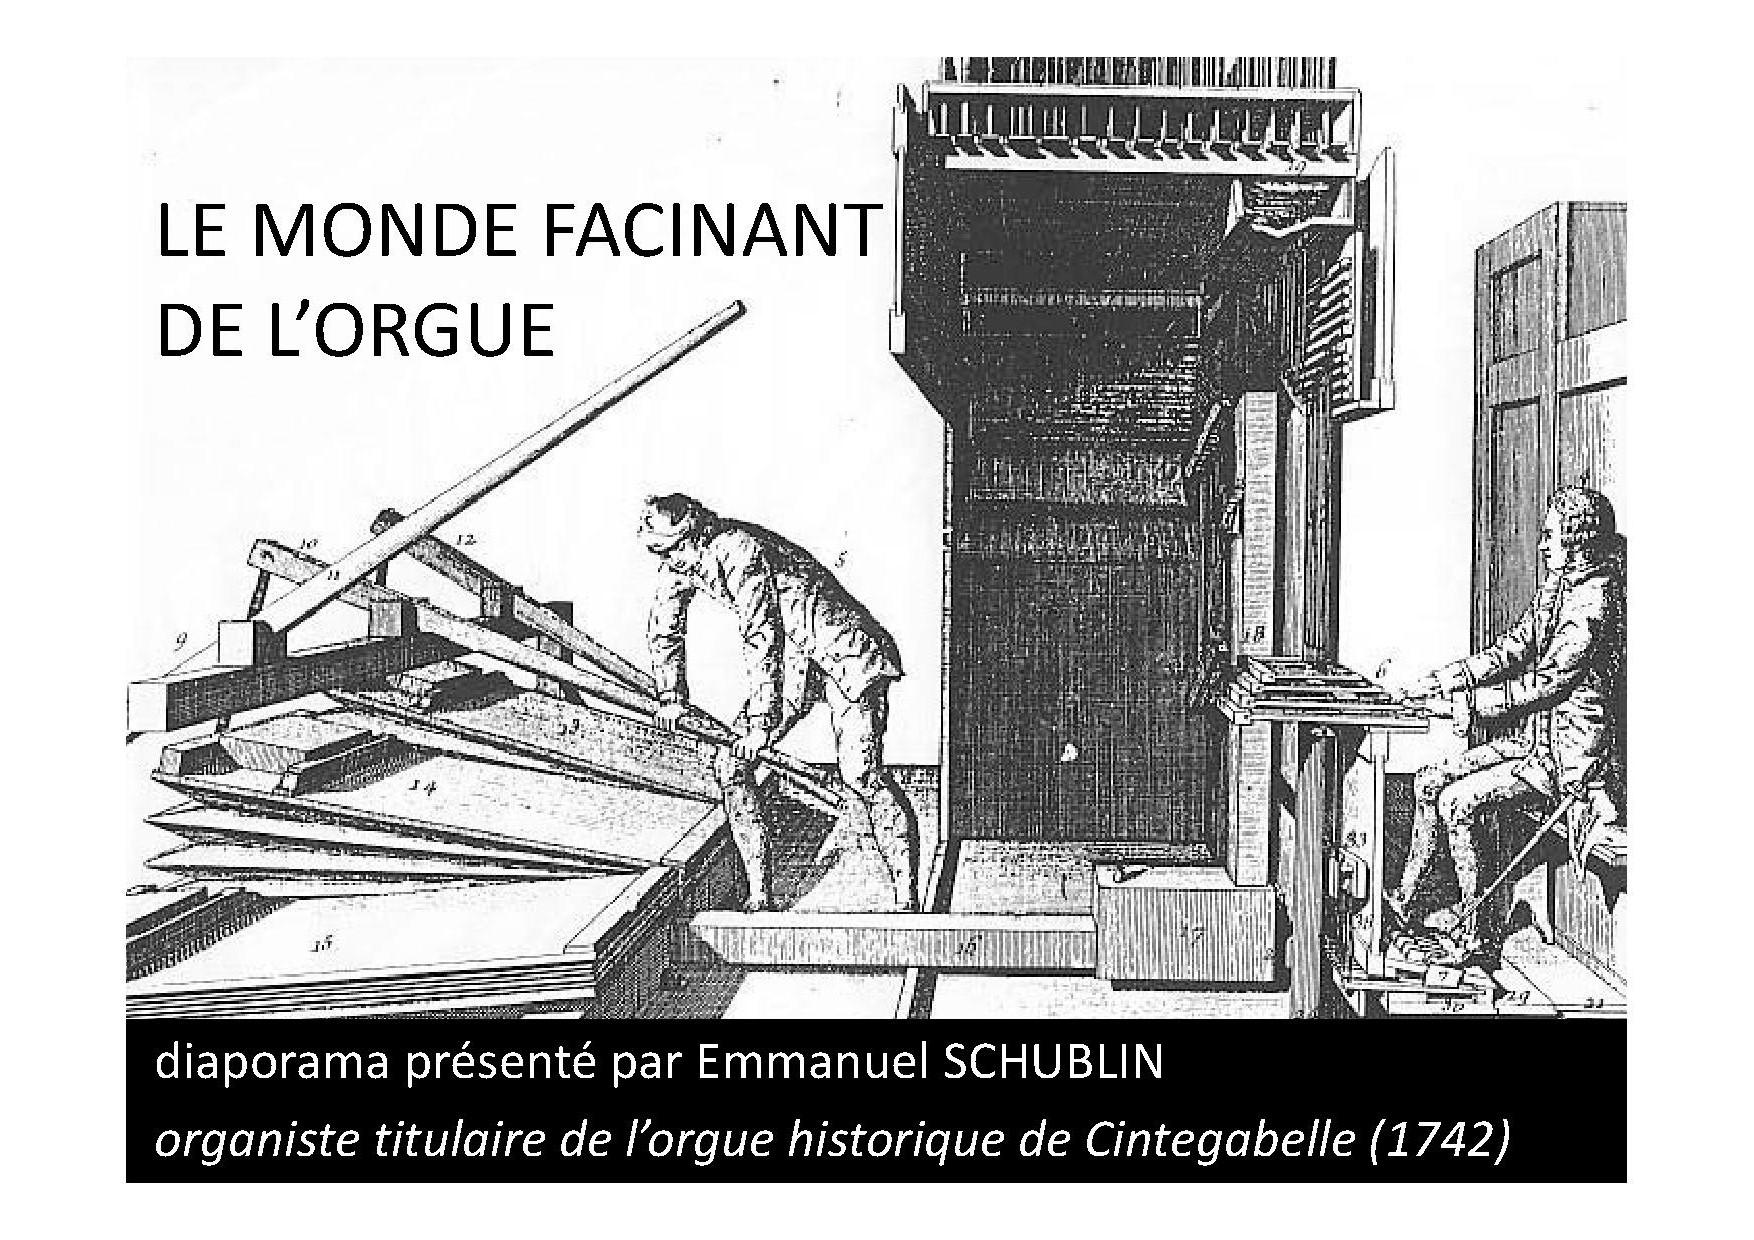 LE MONDE FASCINANT DE L'ORGUE